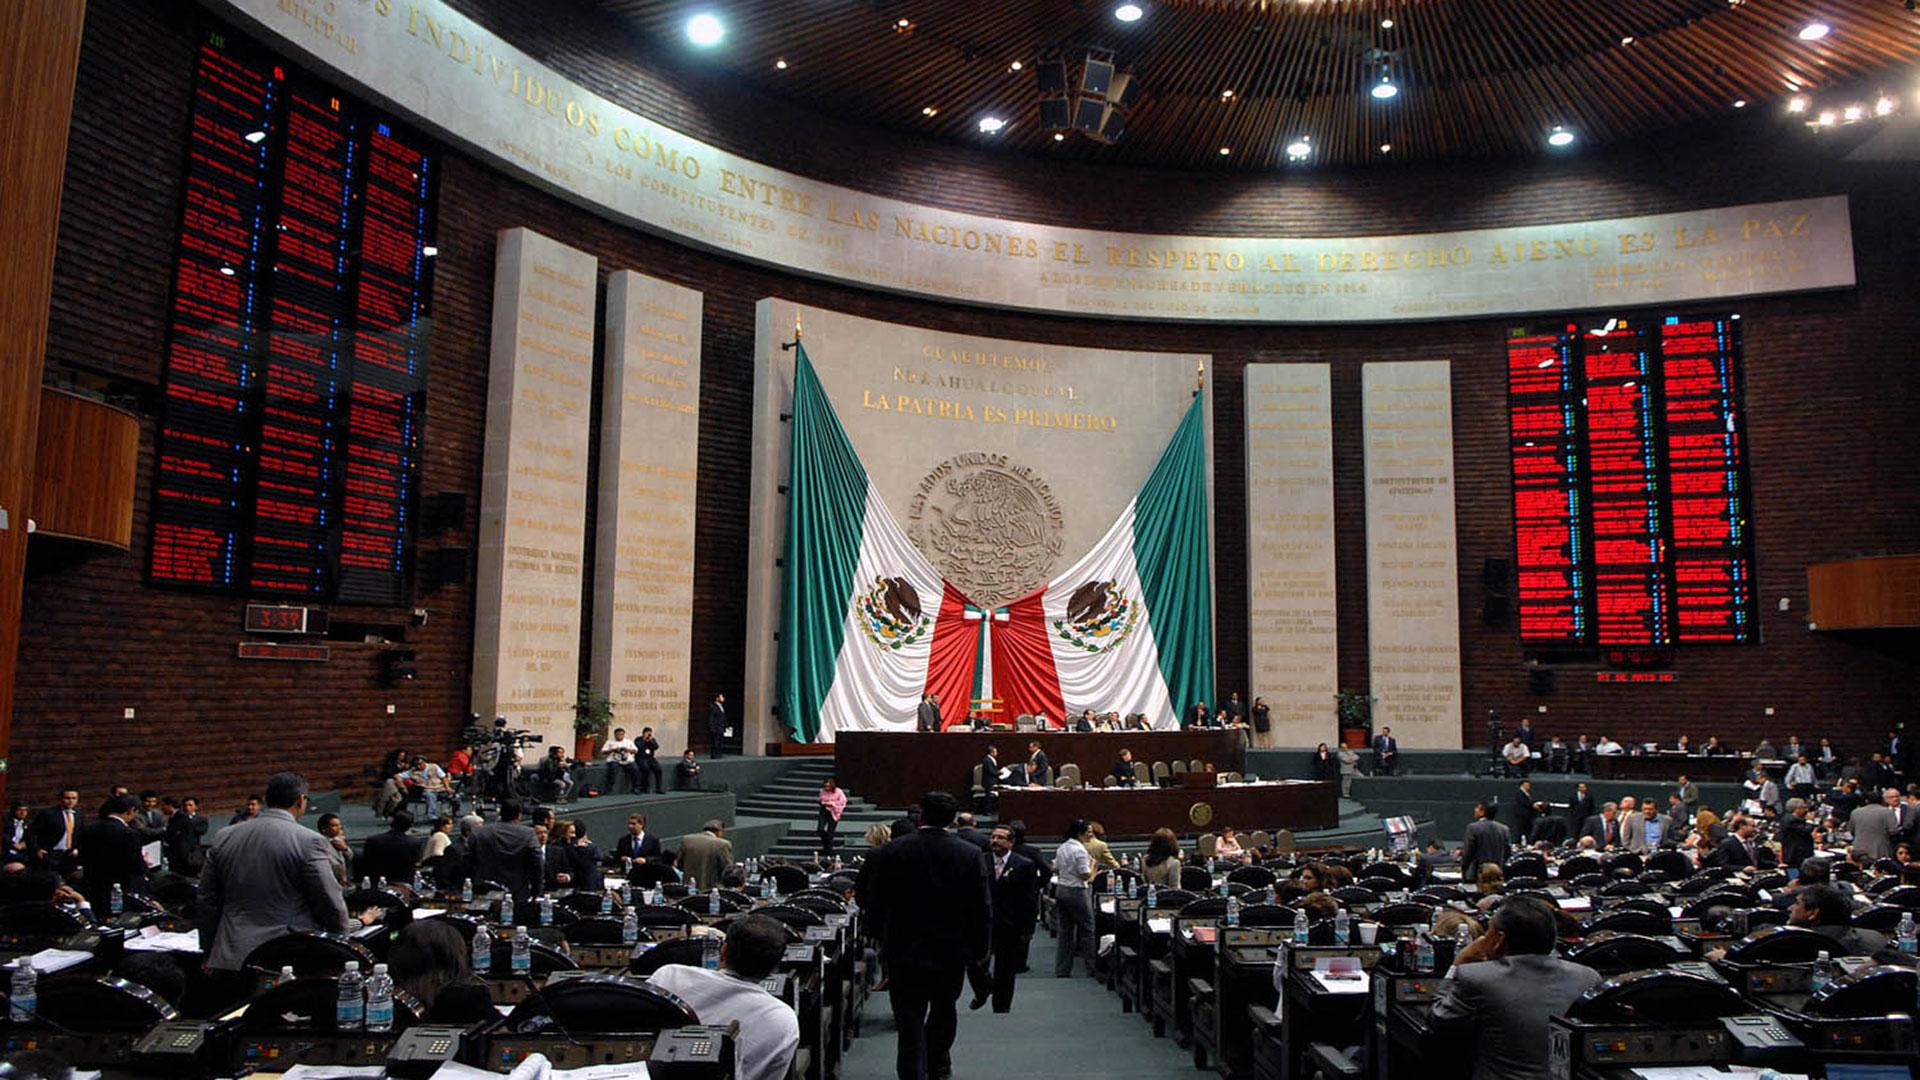 El Legislativo aprobó la Ley de Remuneraciones en septiembre pasado (Foto: Especial)